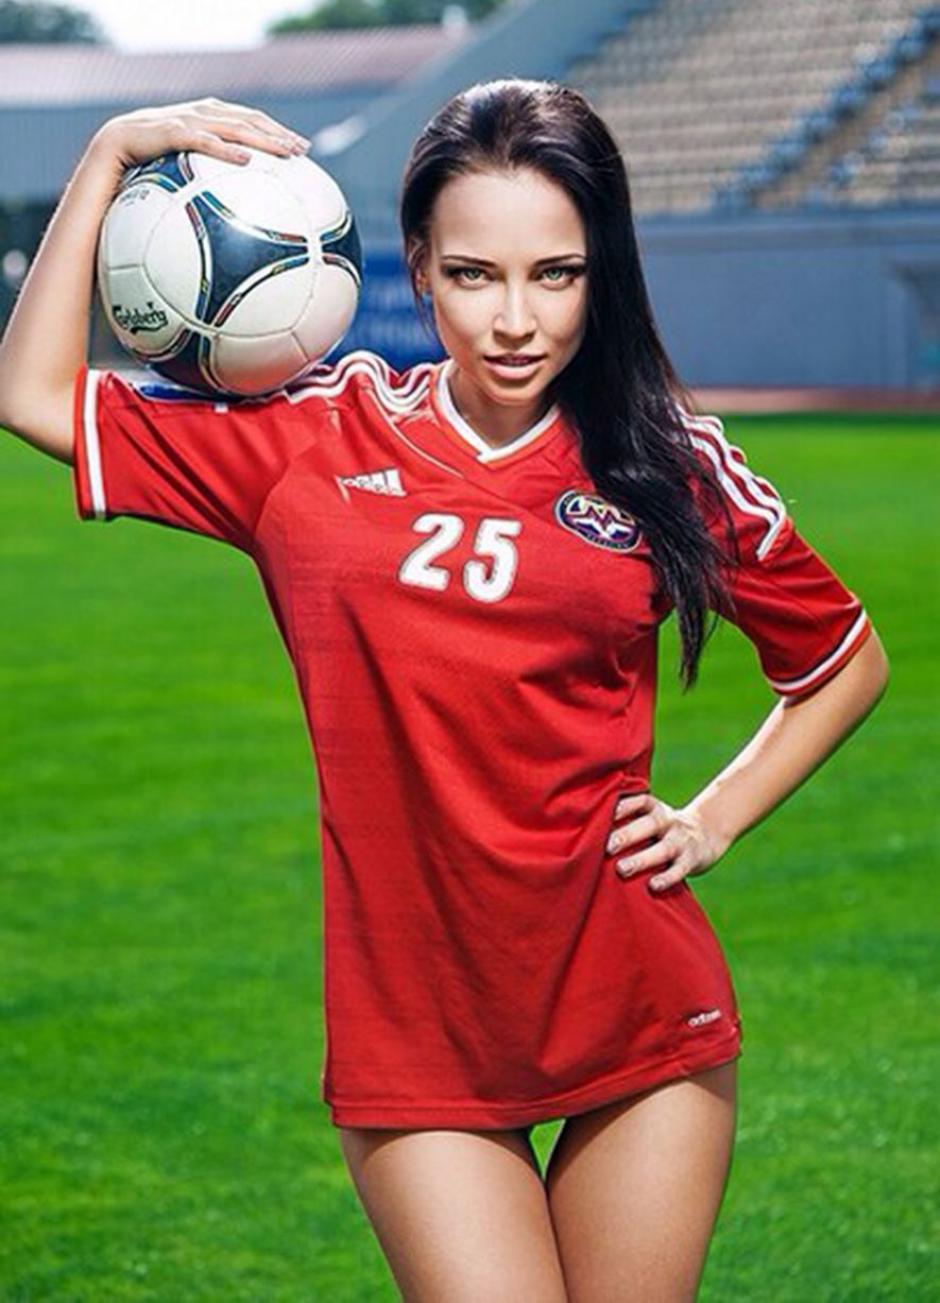 La hermosa Angelina Petrova se desnuda en un sexy calendario que espera apoyar económicamente a su club de fútbol.